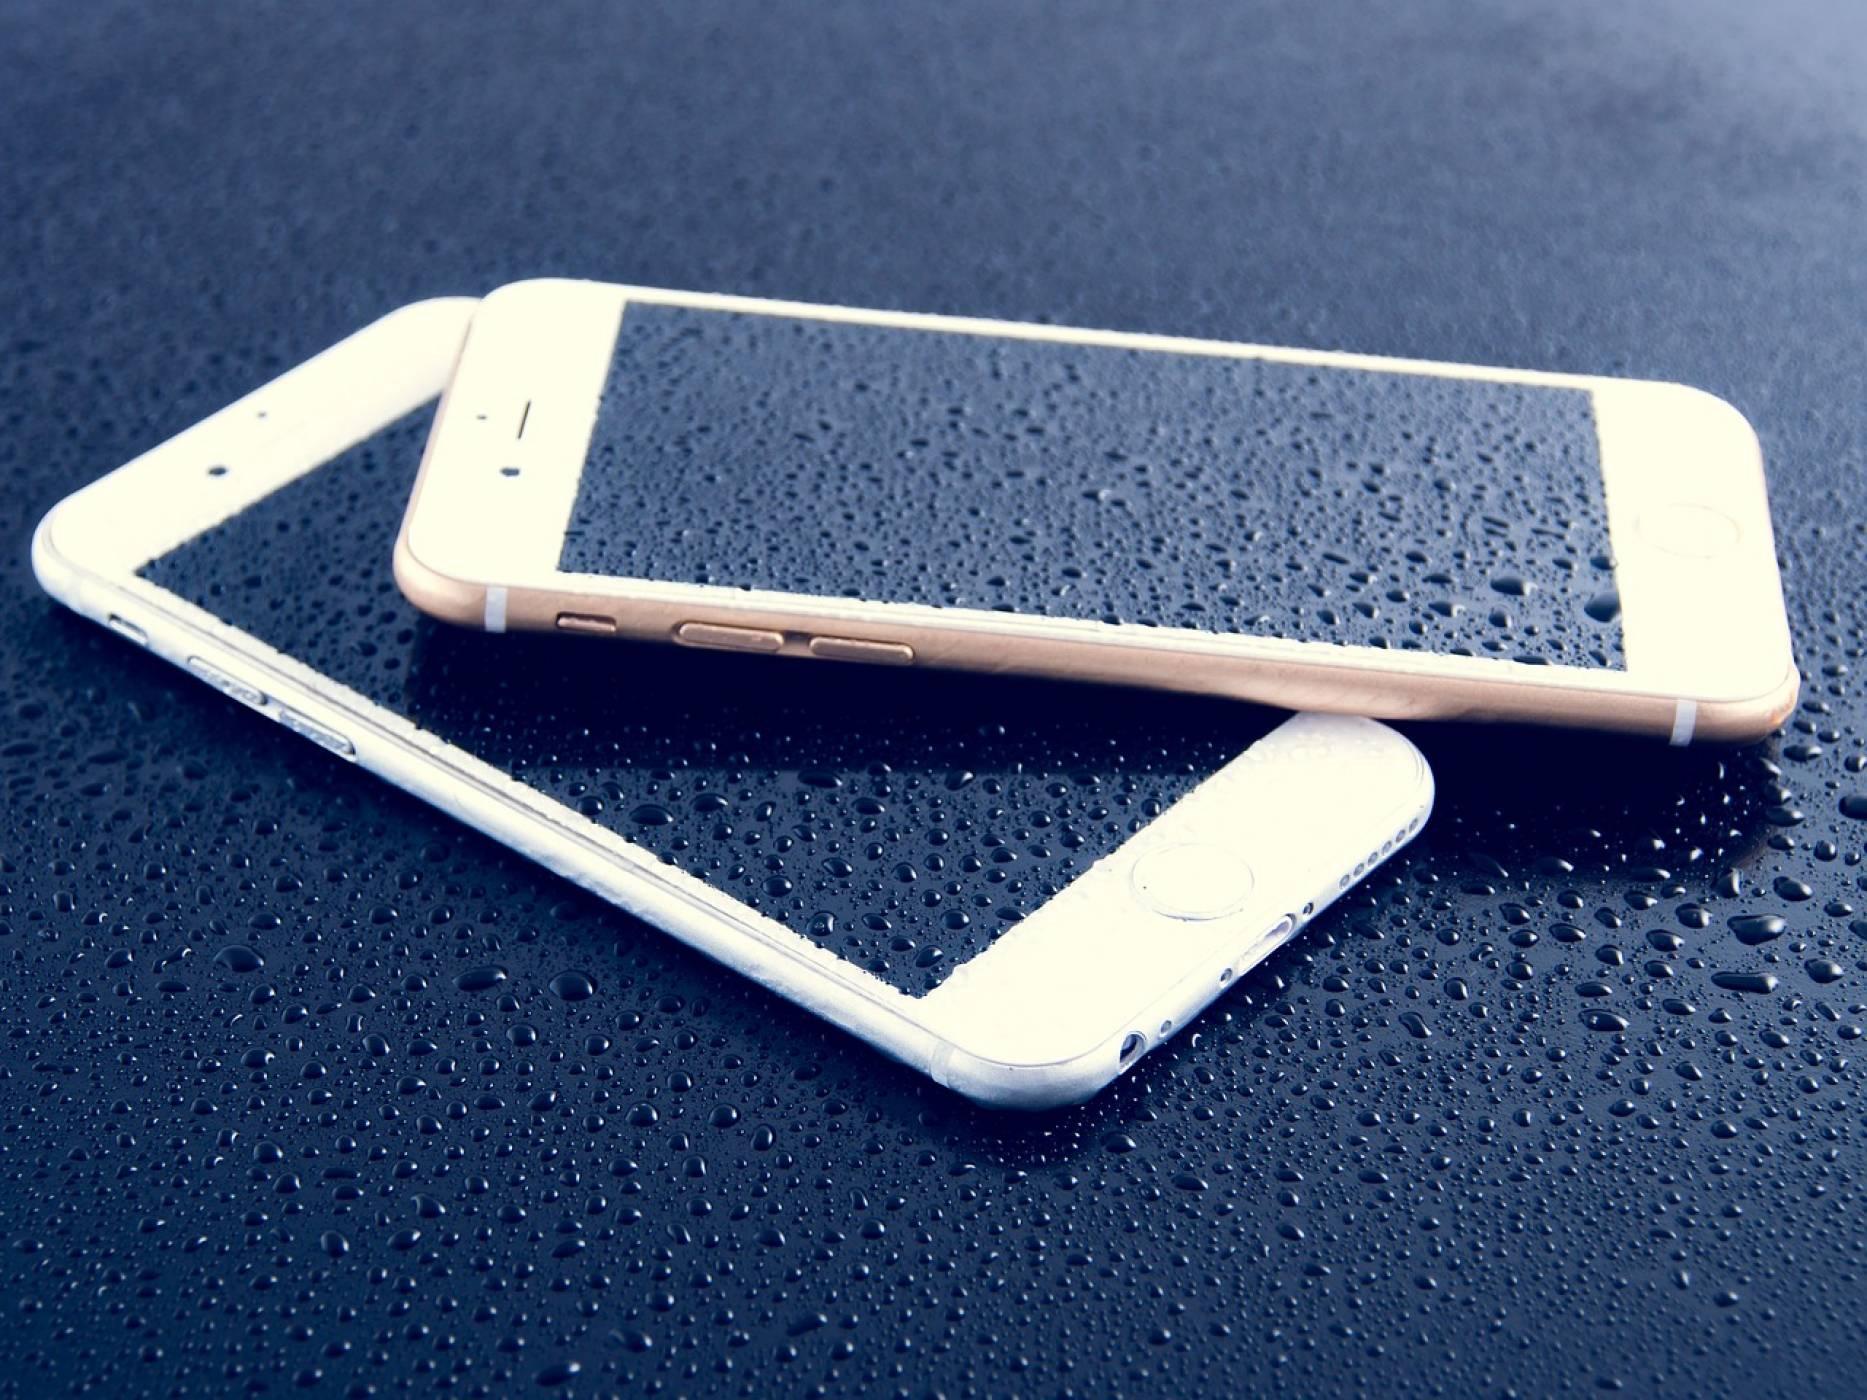 Ето как да спасим намокрен смартфон